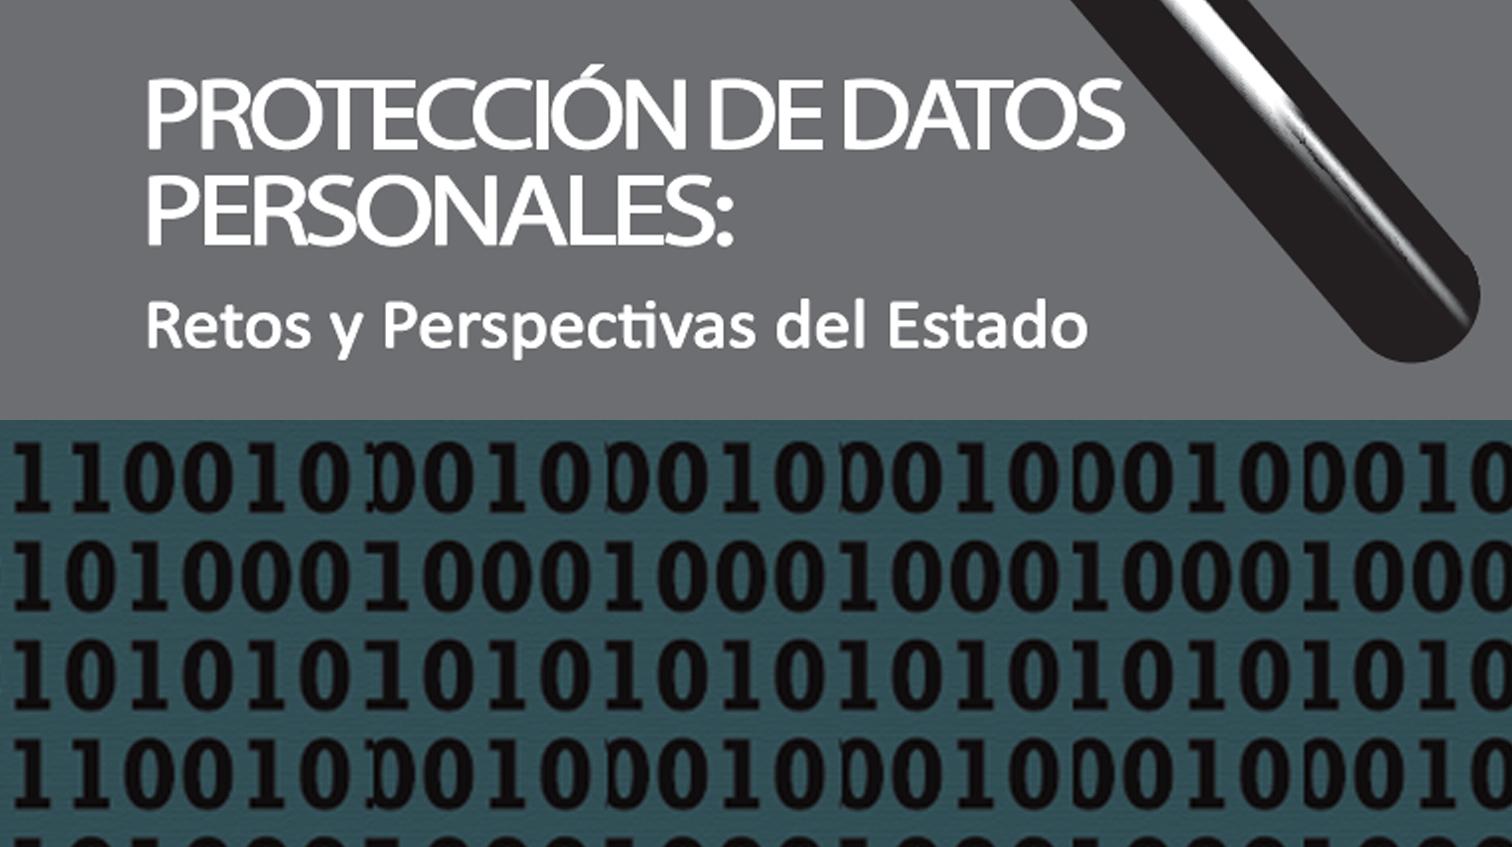 Protección de datos personales: retos y perspectivas del estado